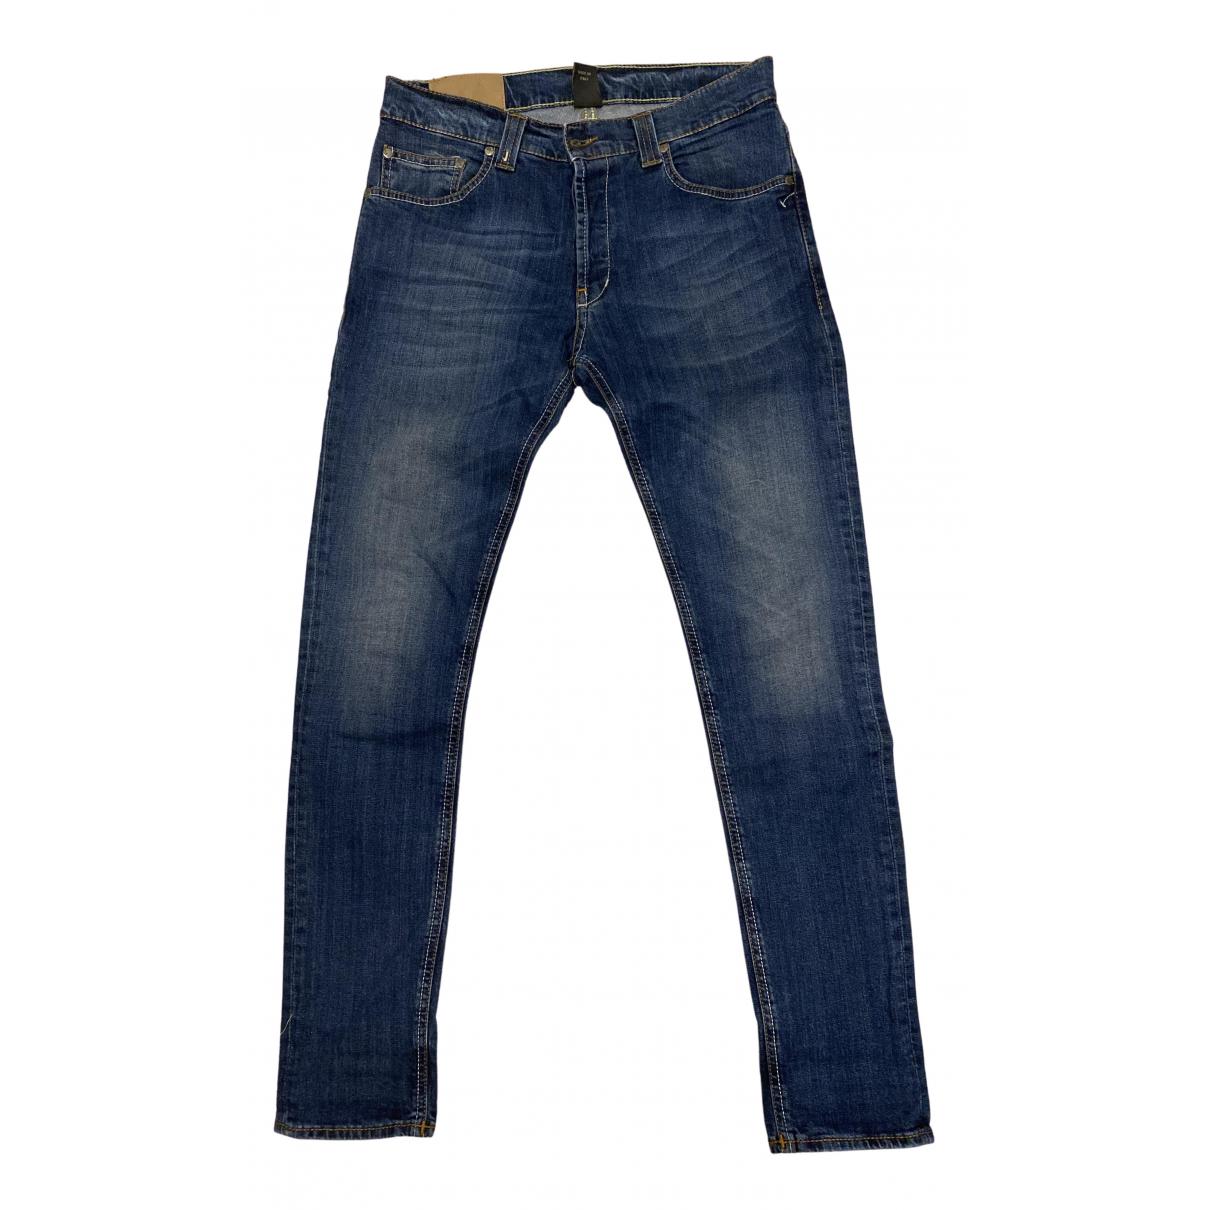 Dondup - Jean   pour homme en coton - bleu